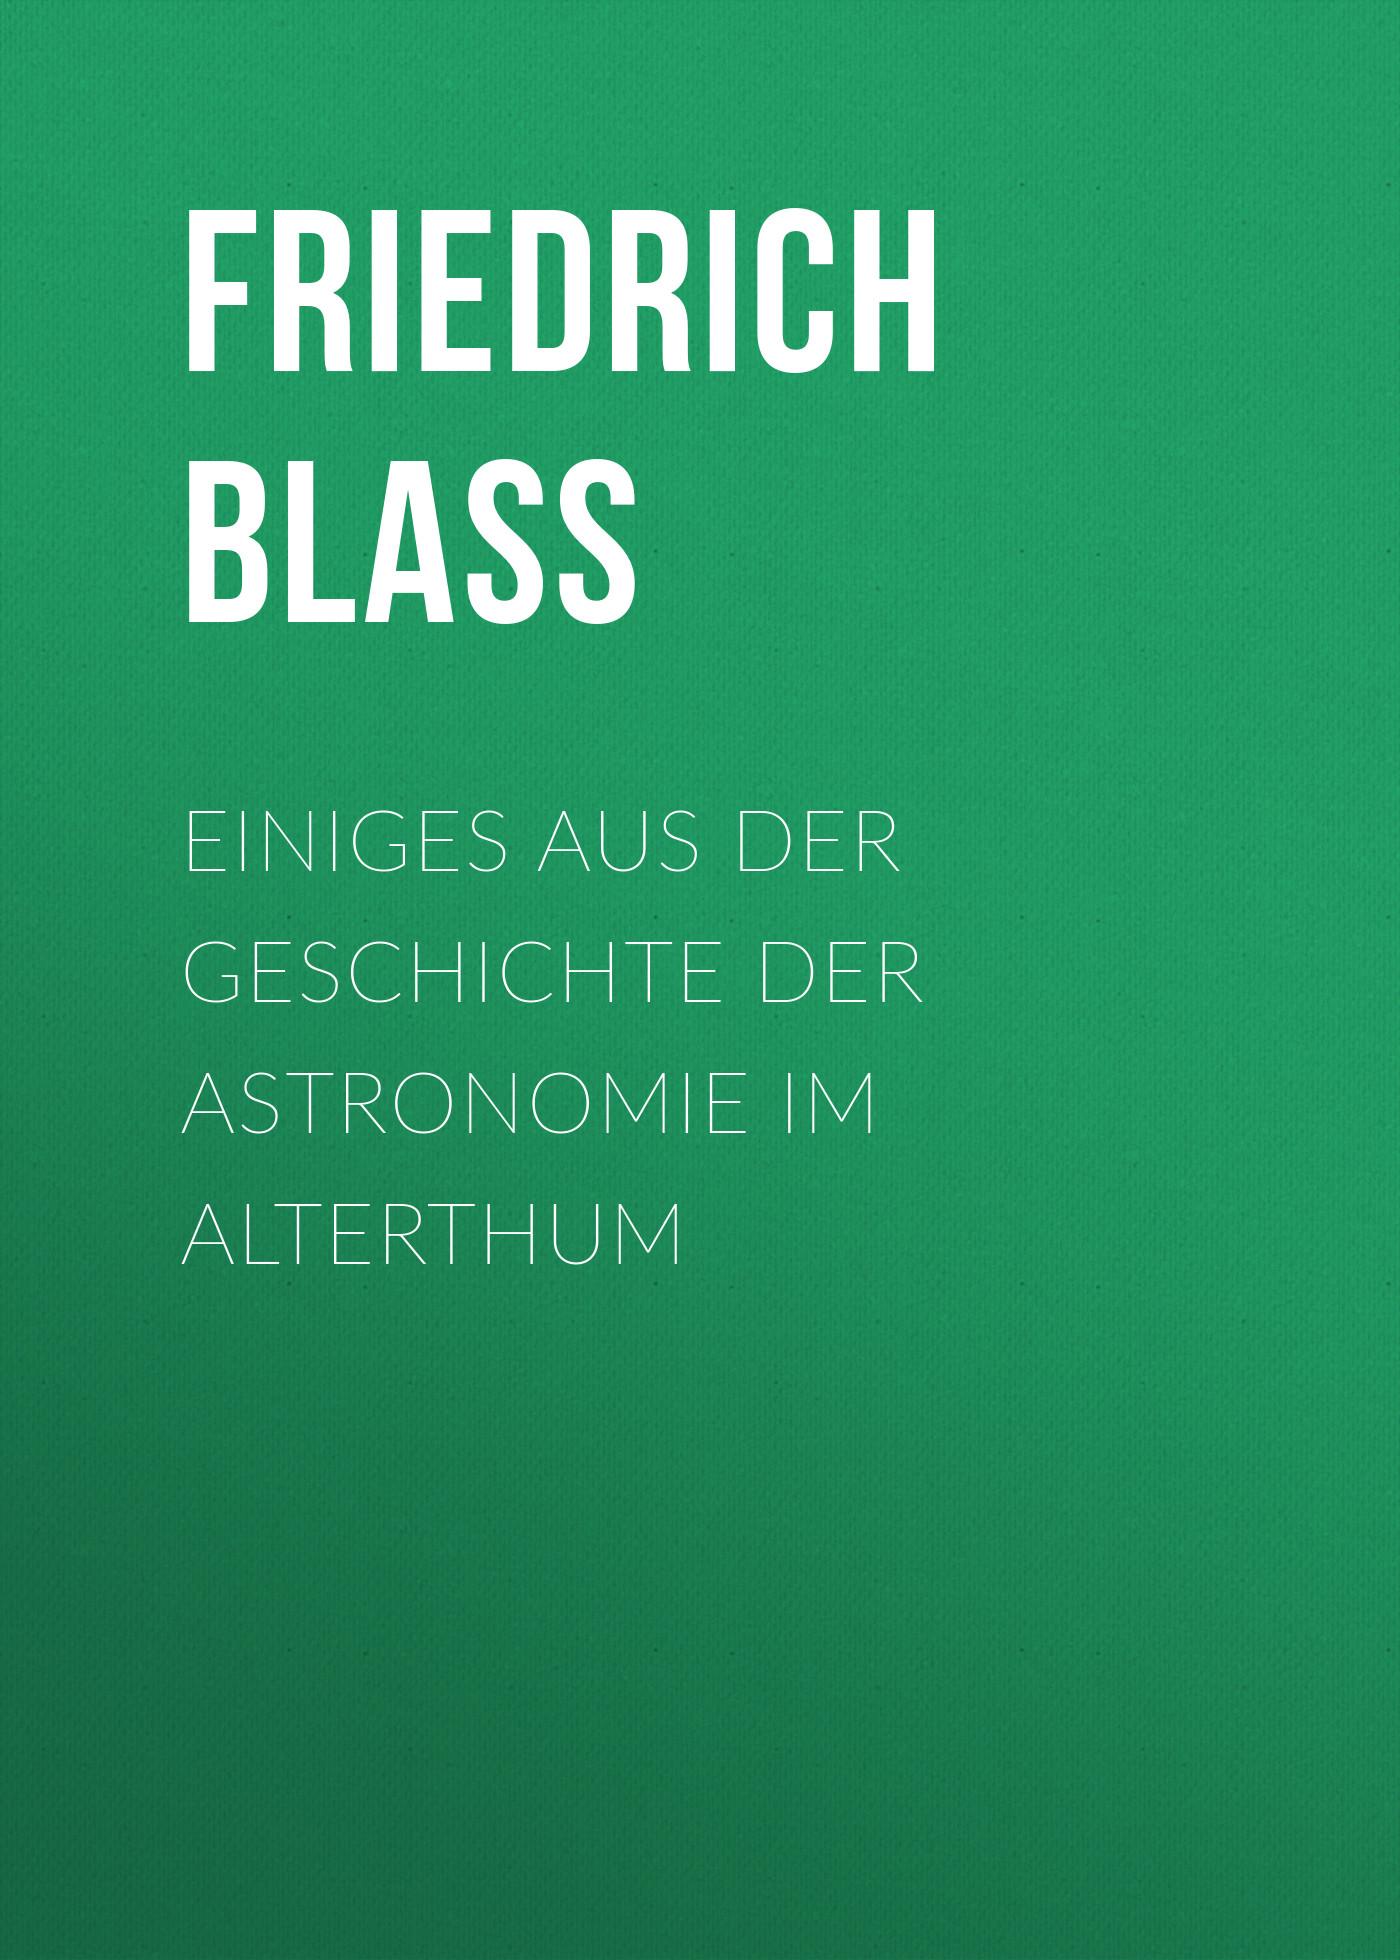 Friedrich Blass Einiges aus der Geschichte der Astronomie im Alterthum ursula mag preier raunacher gedichte der sp ten mitte aus m leb n g riffen